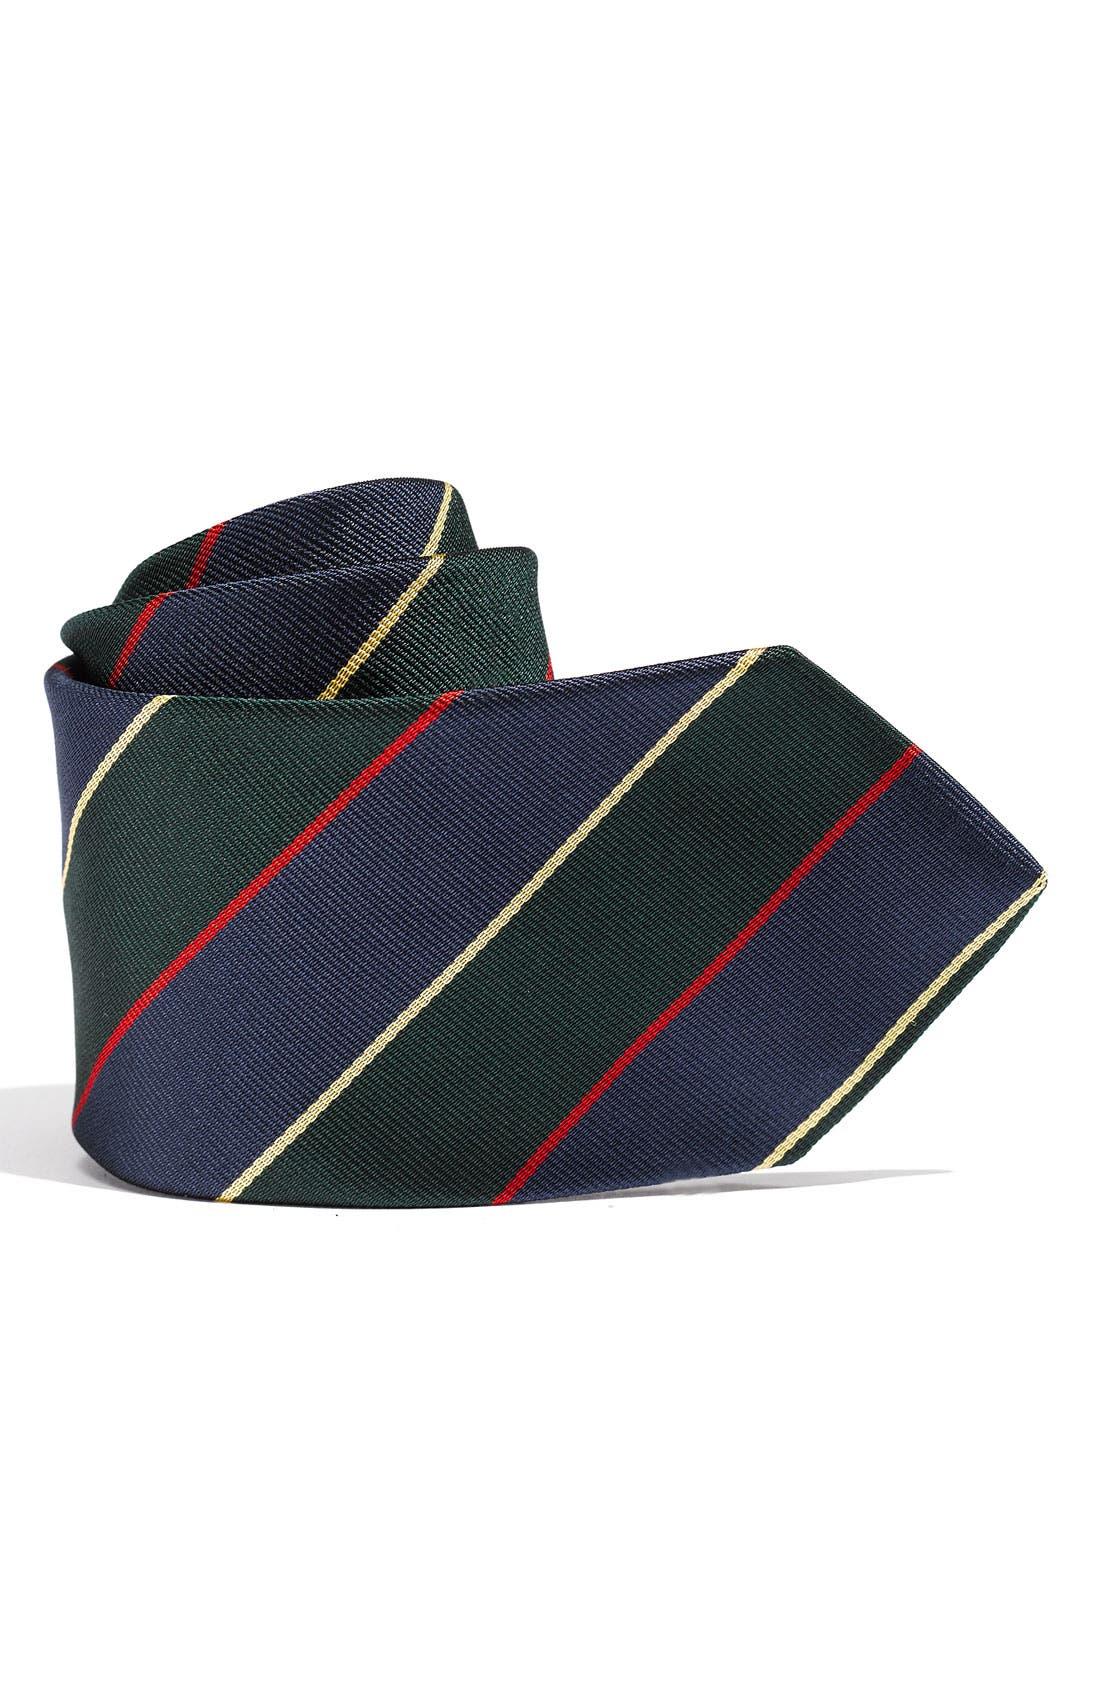 Alternate Image 1 Selected - Brooks Brothers 'Multi Stripe' Tie (Big Boys)